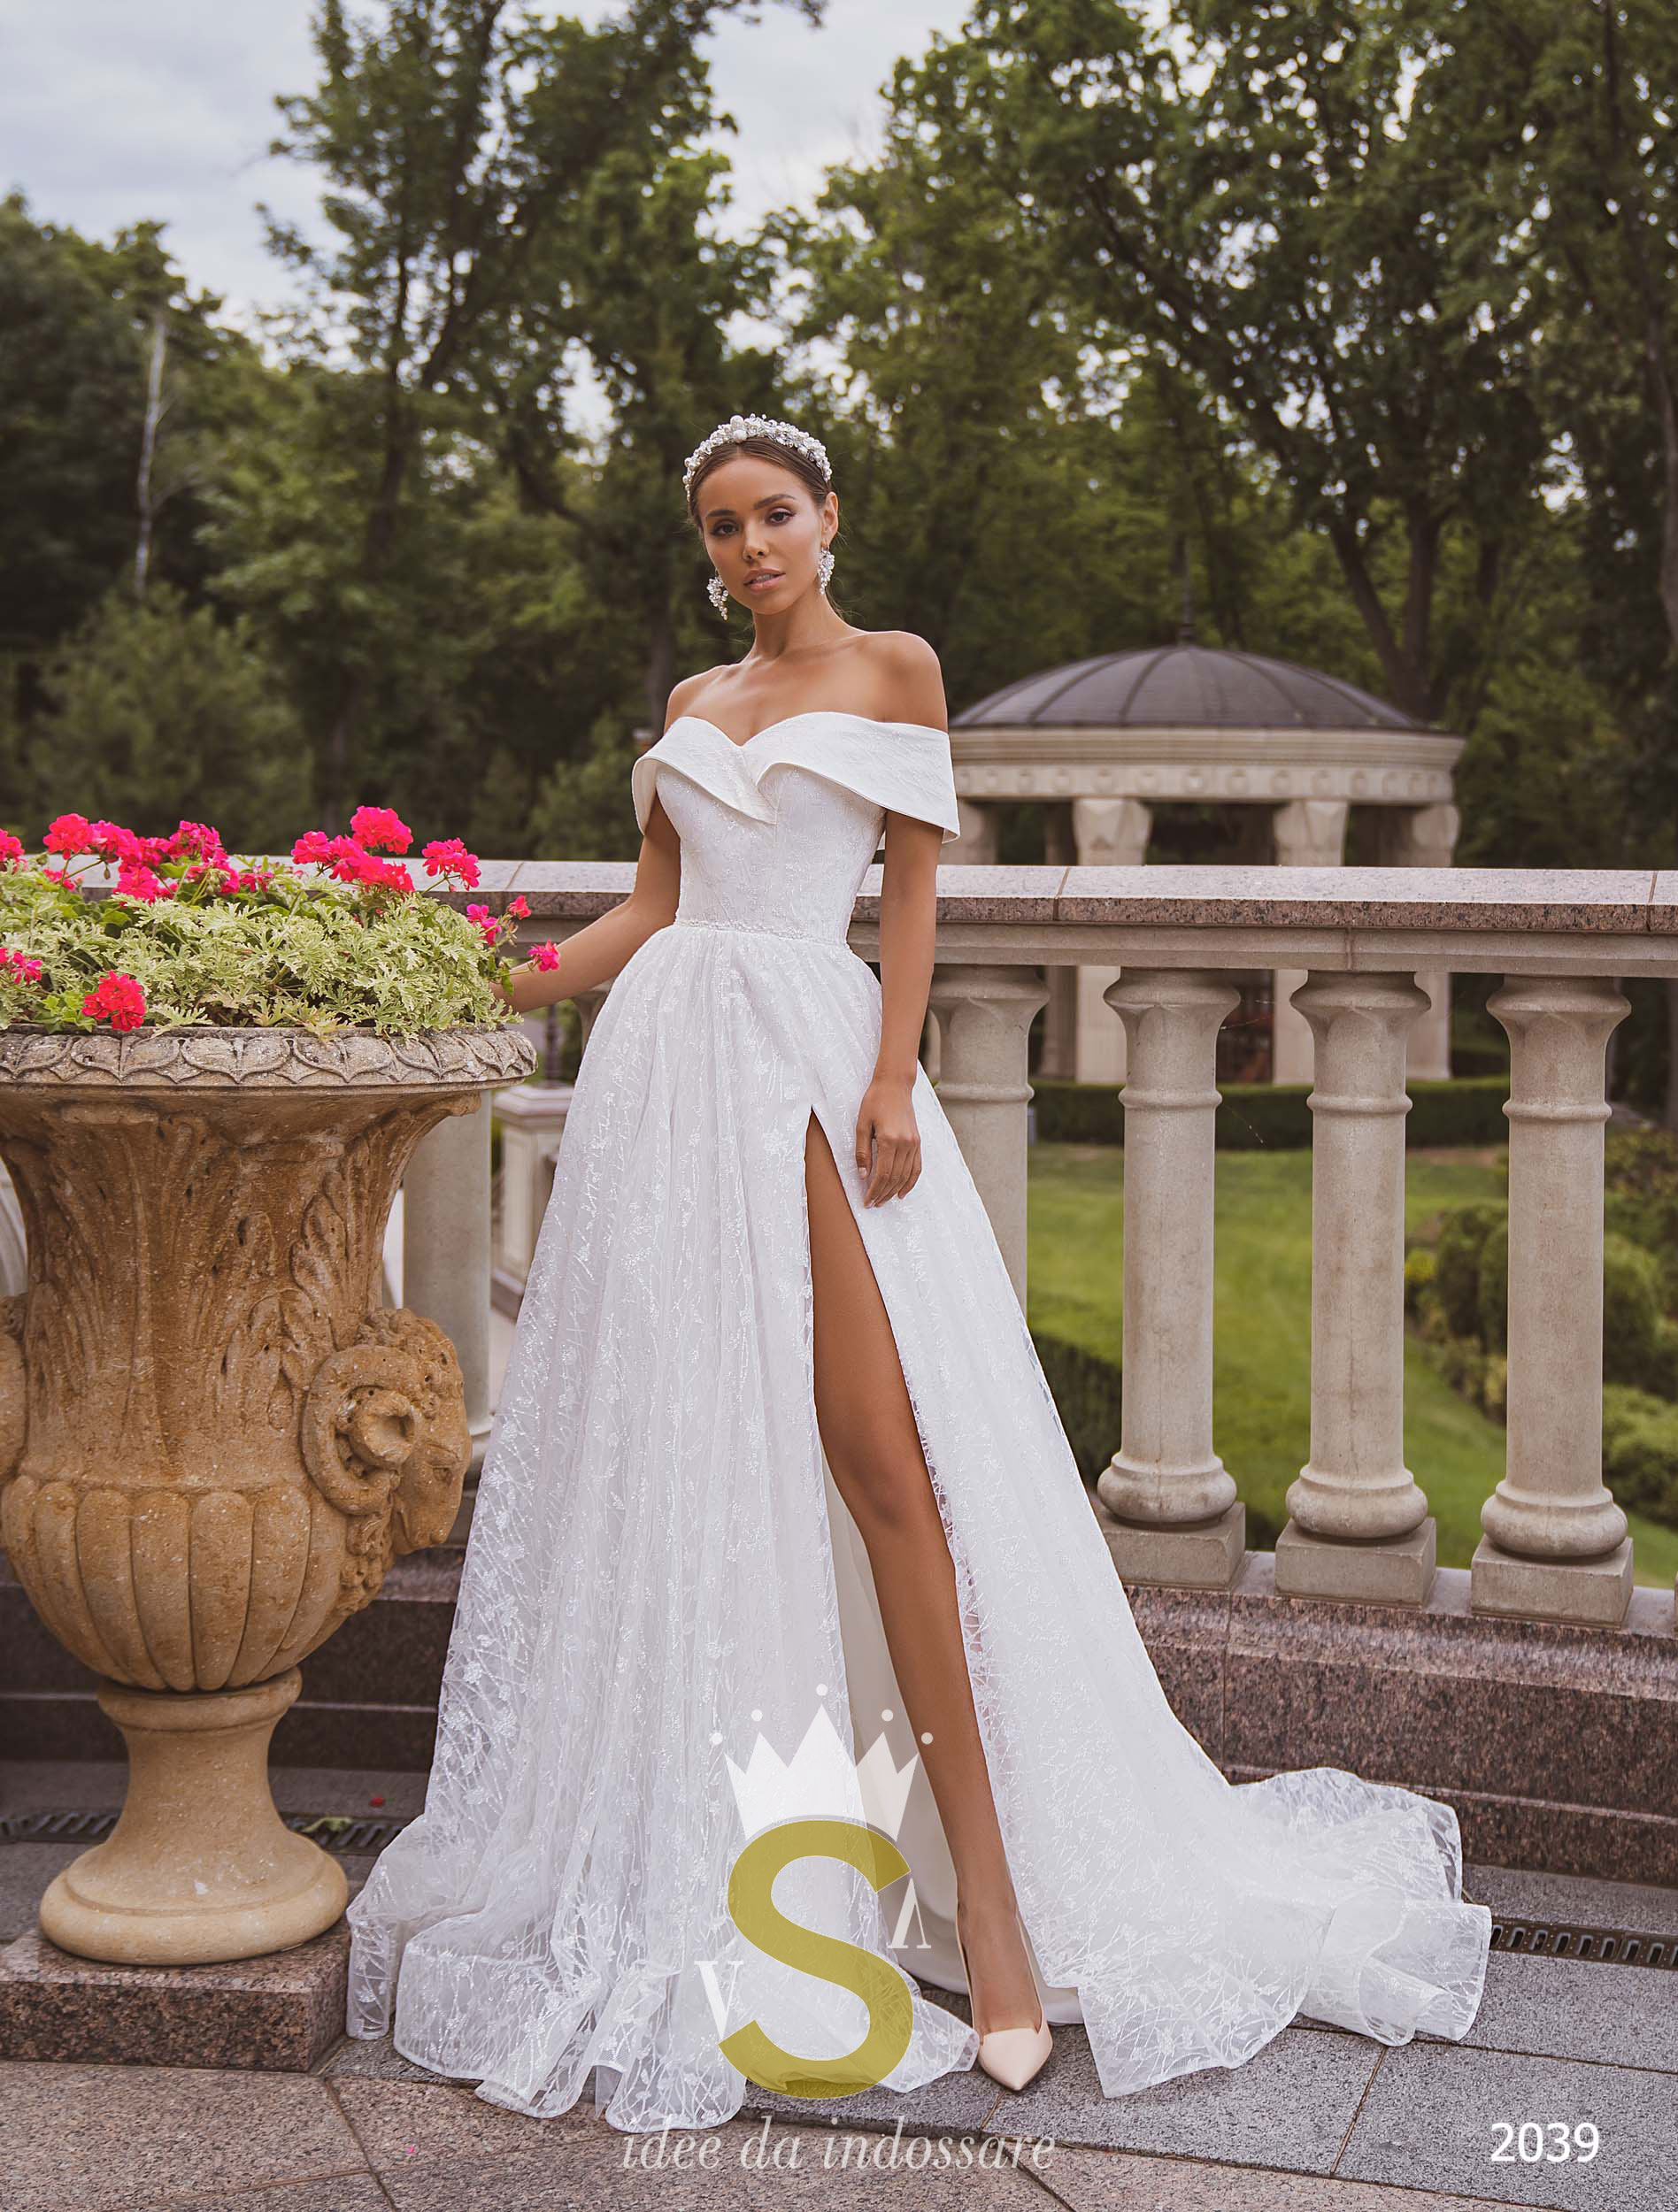 Vestiti Da Sposa Stupendi.Abito Da Sposa In Glitter Scollo A Barca Vsv Abiti Su Misura